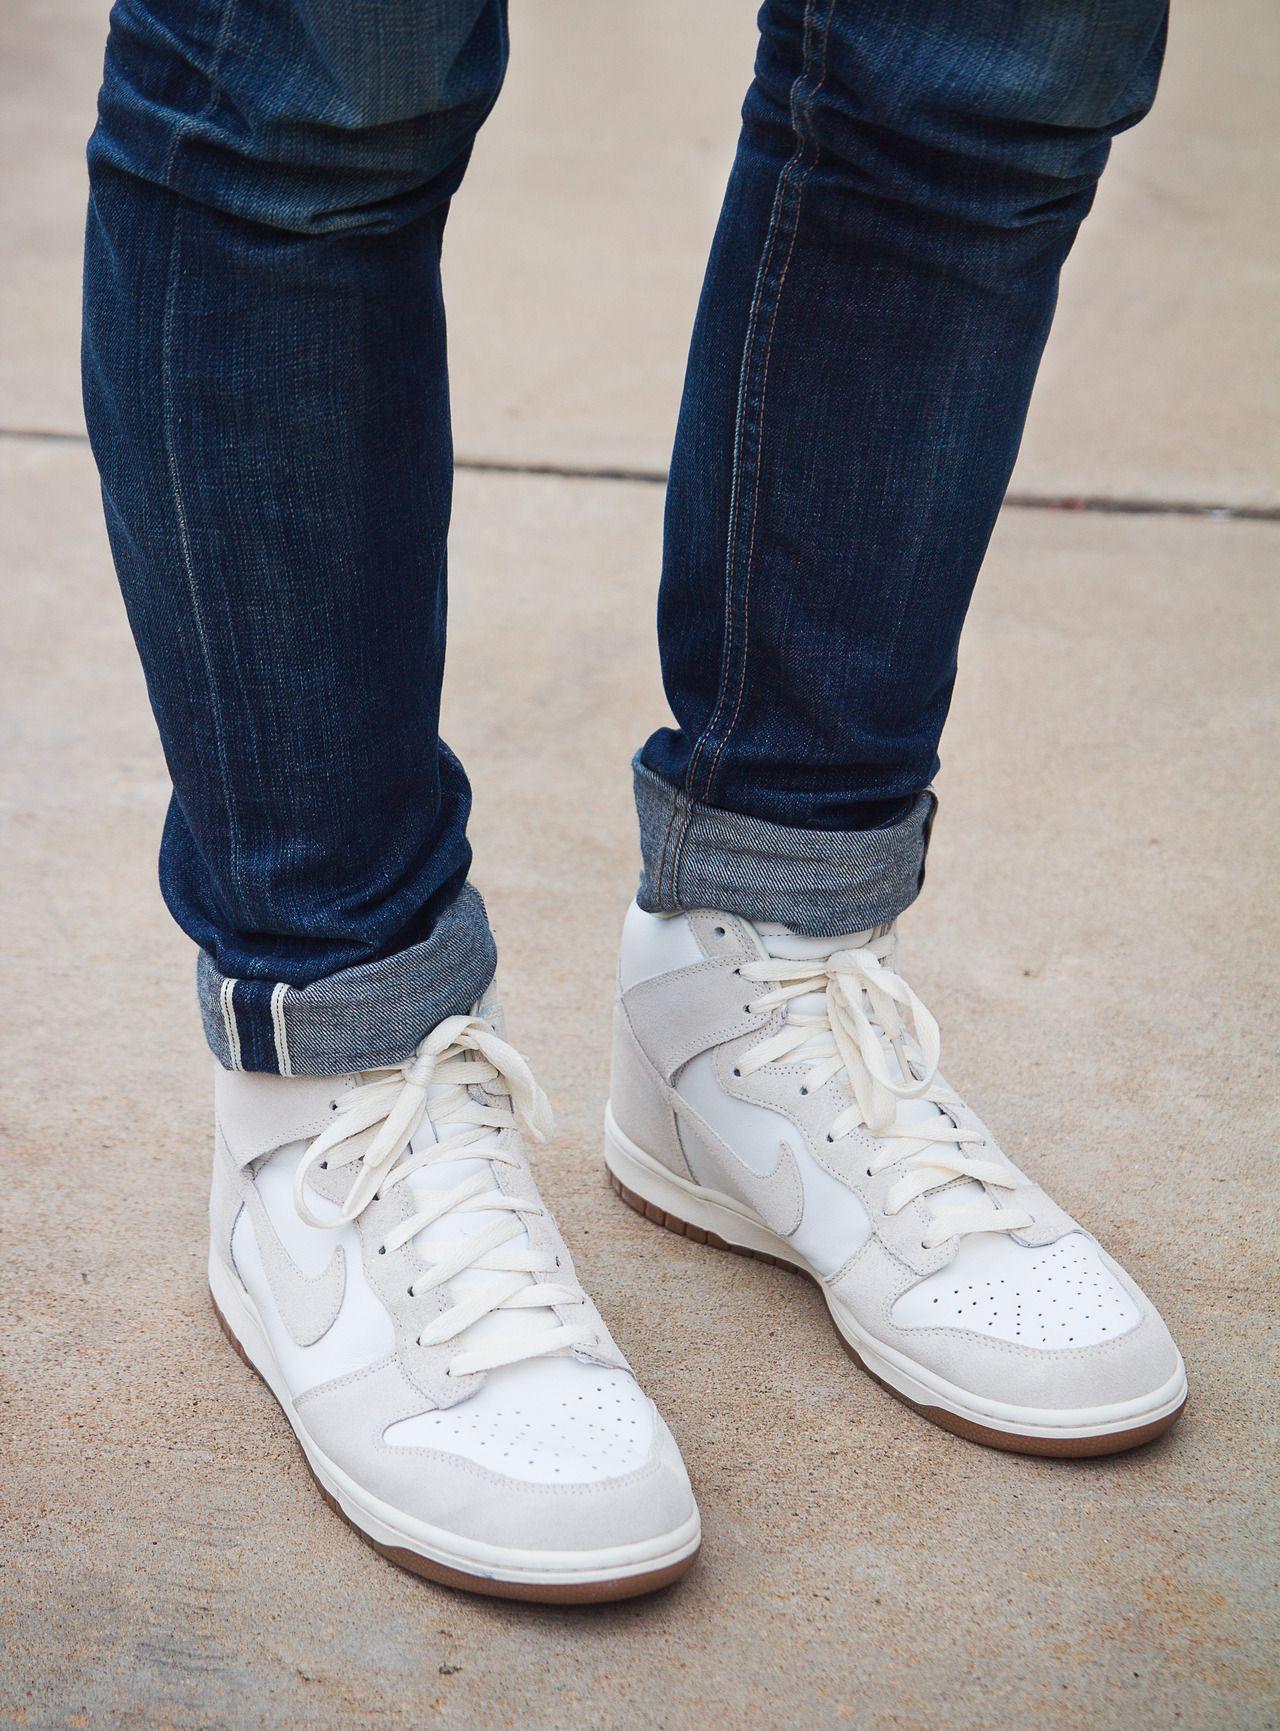 All white Nike Dunk Hi.